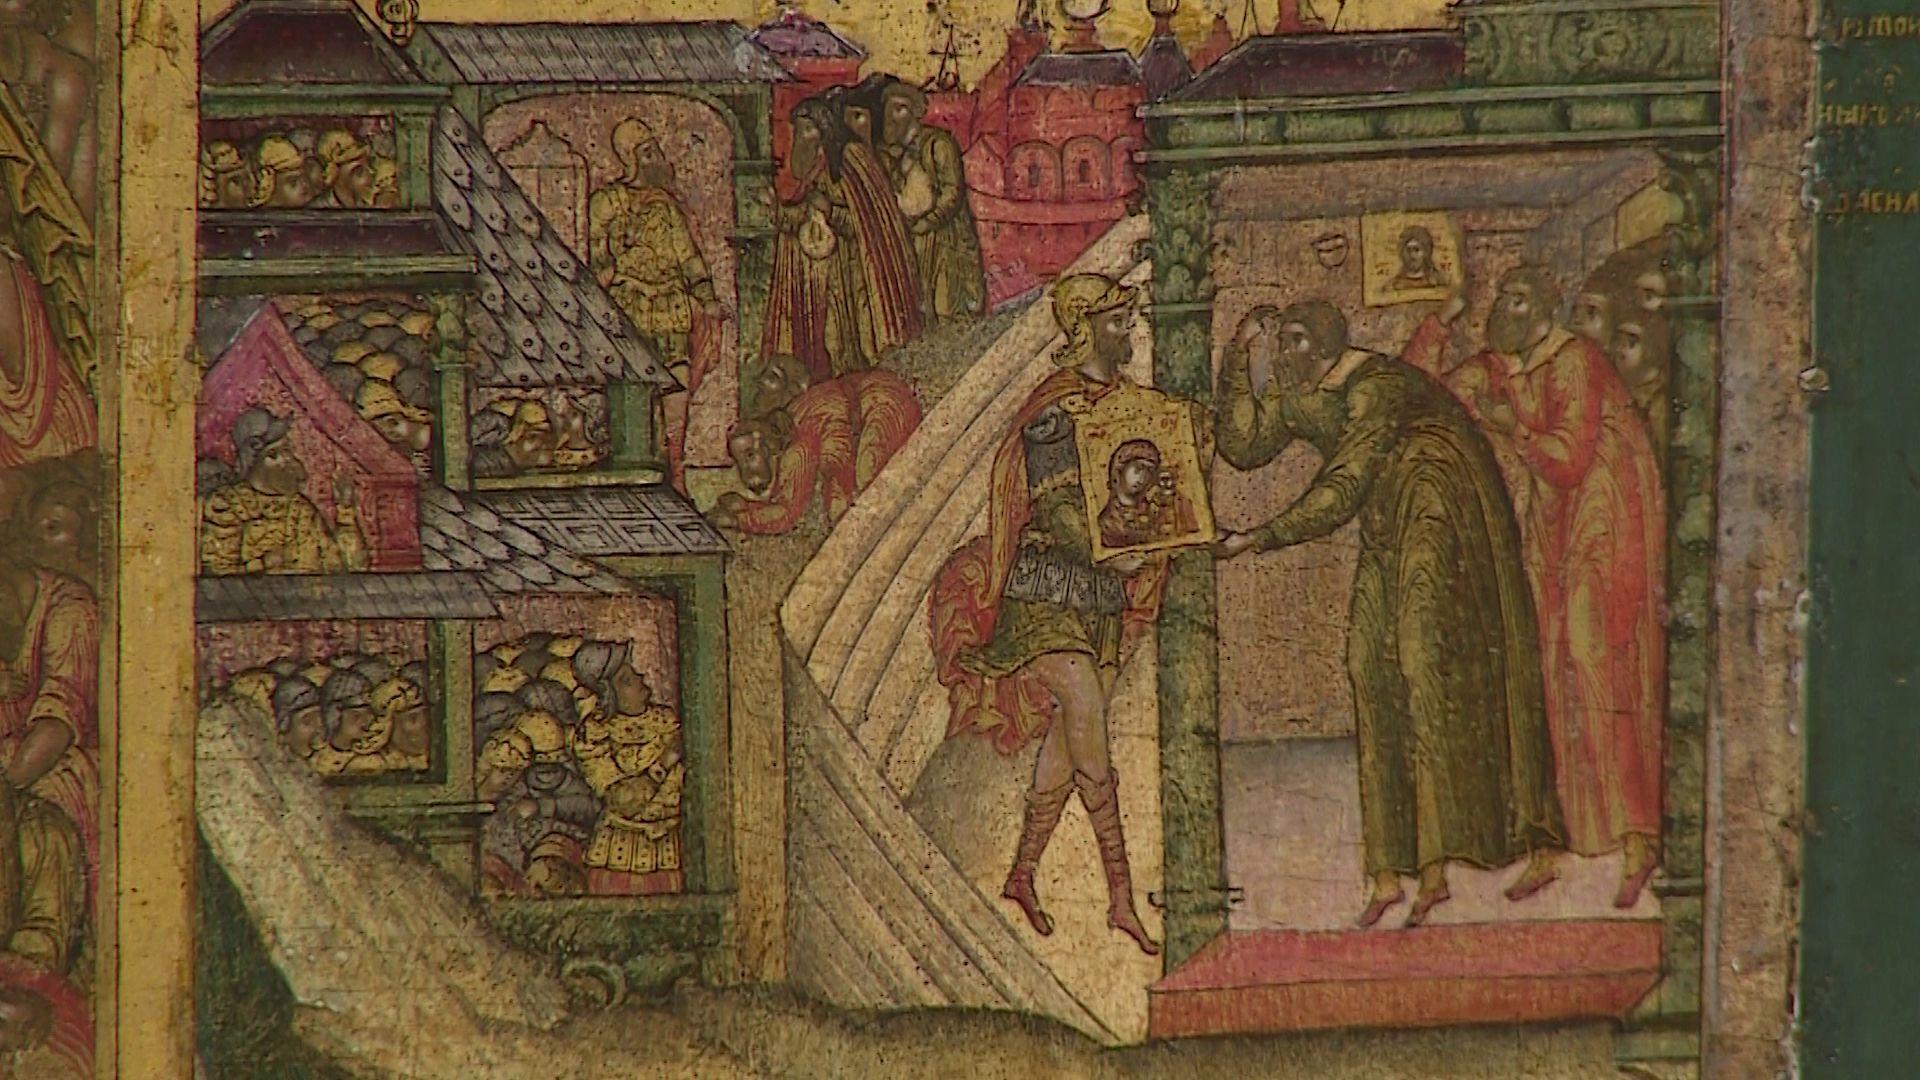 Утреннее шоу «Овсянка» от 26.10.20: знакомимся с иконой Казанской Божией Матери и говорим о путешествиях в 2020